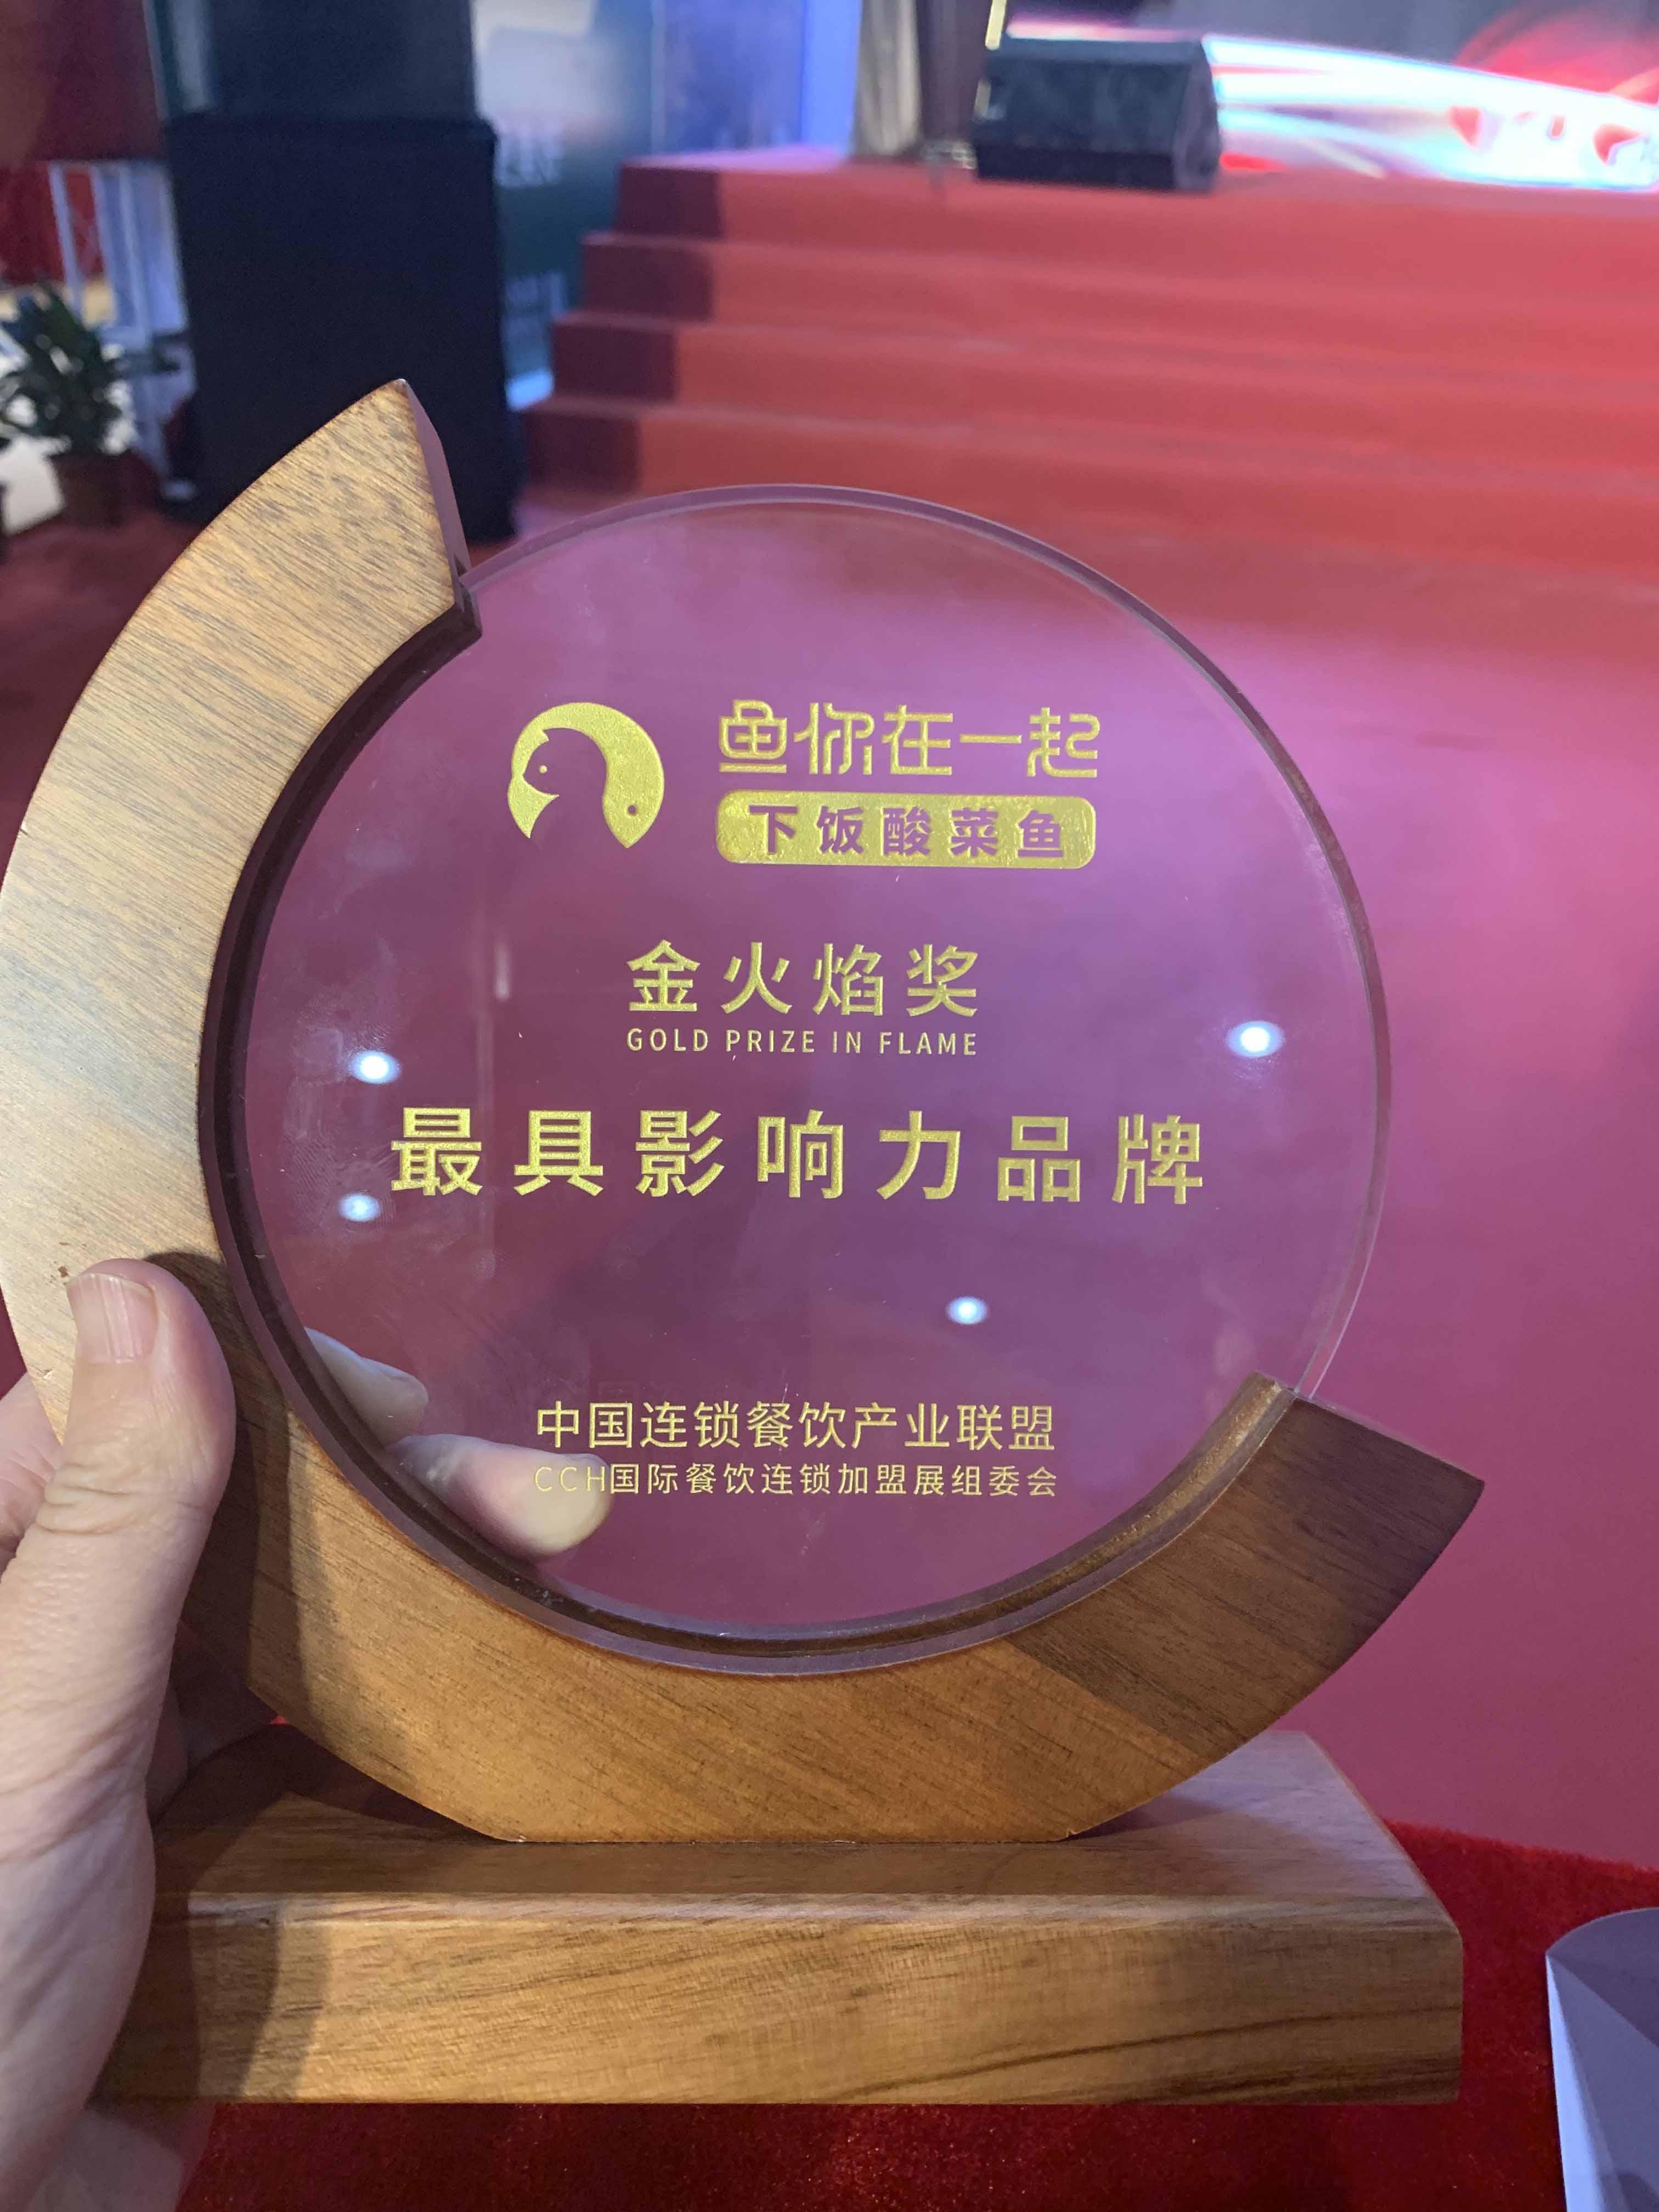 """鱼你在一起荣获""""2019最具影响力品牌奖"""",见证品牌力崛起"""